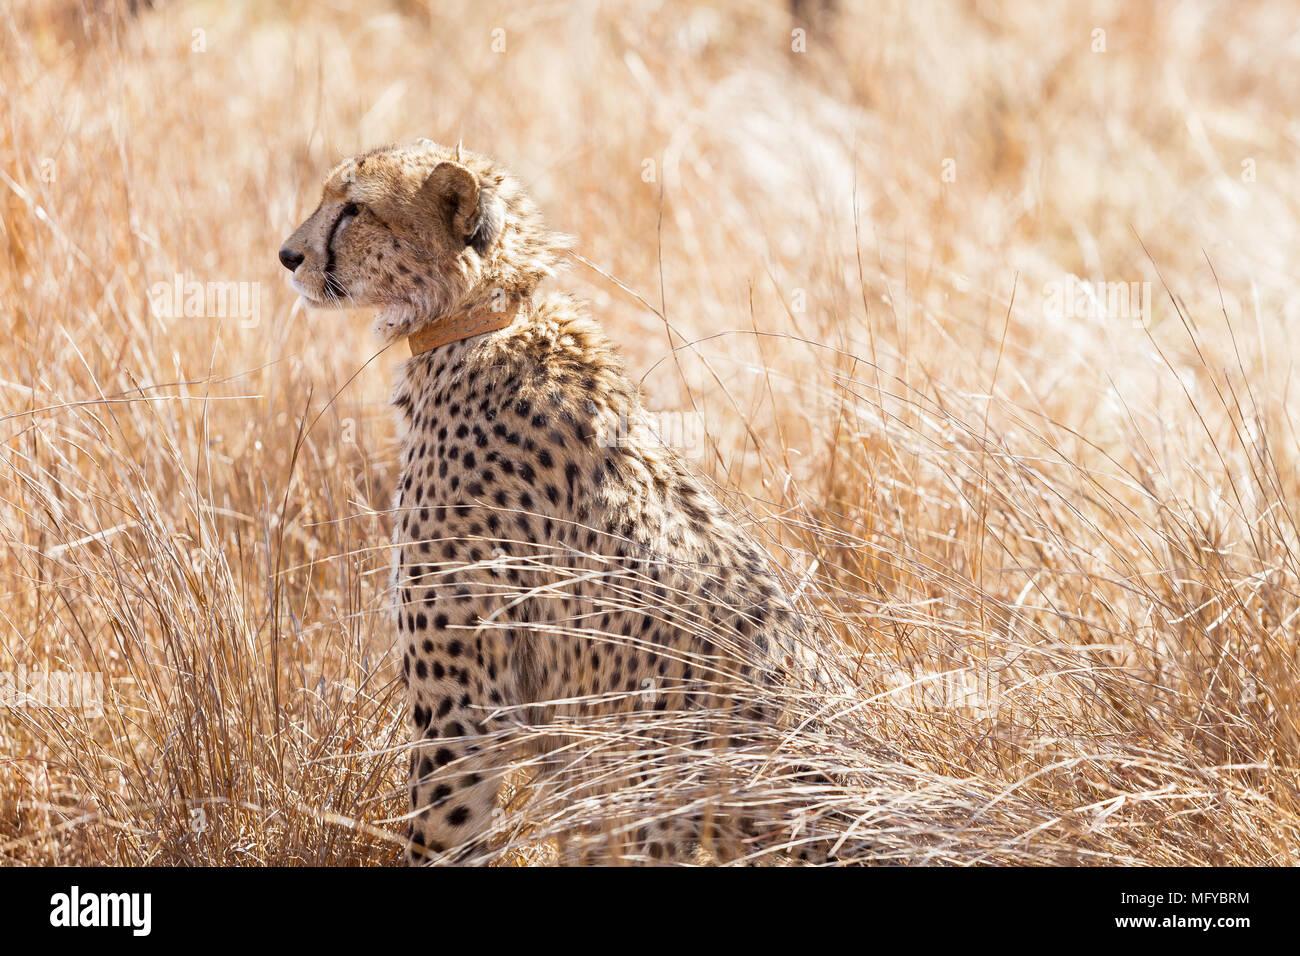 Auf Safari in Südafrika game reserve fotografiert. Bekanntmachung der Gepard hat einen Kragen um den Hals - aus Gründen der Bestandserhaltung verwendet Stockbild